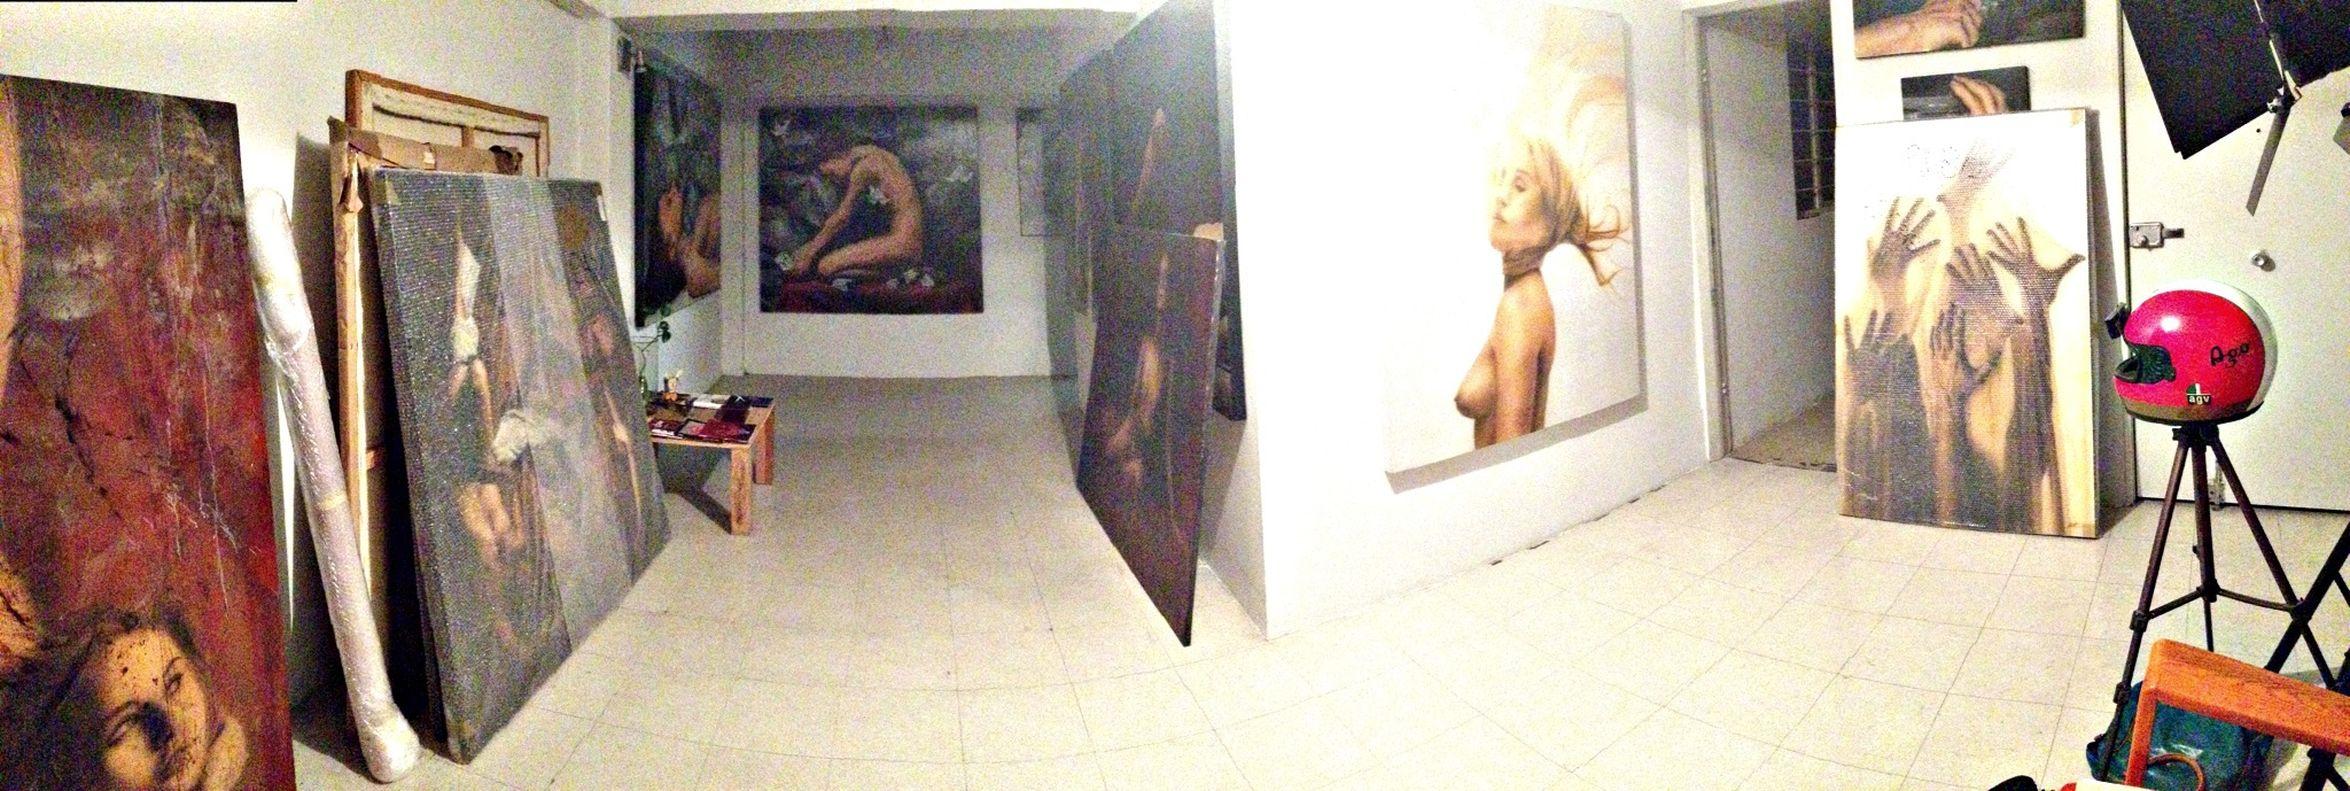 Entrega de obra... Art Luigifantini Mexico Studio